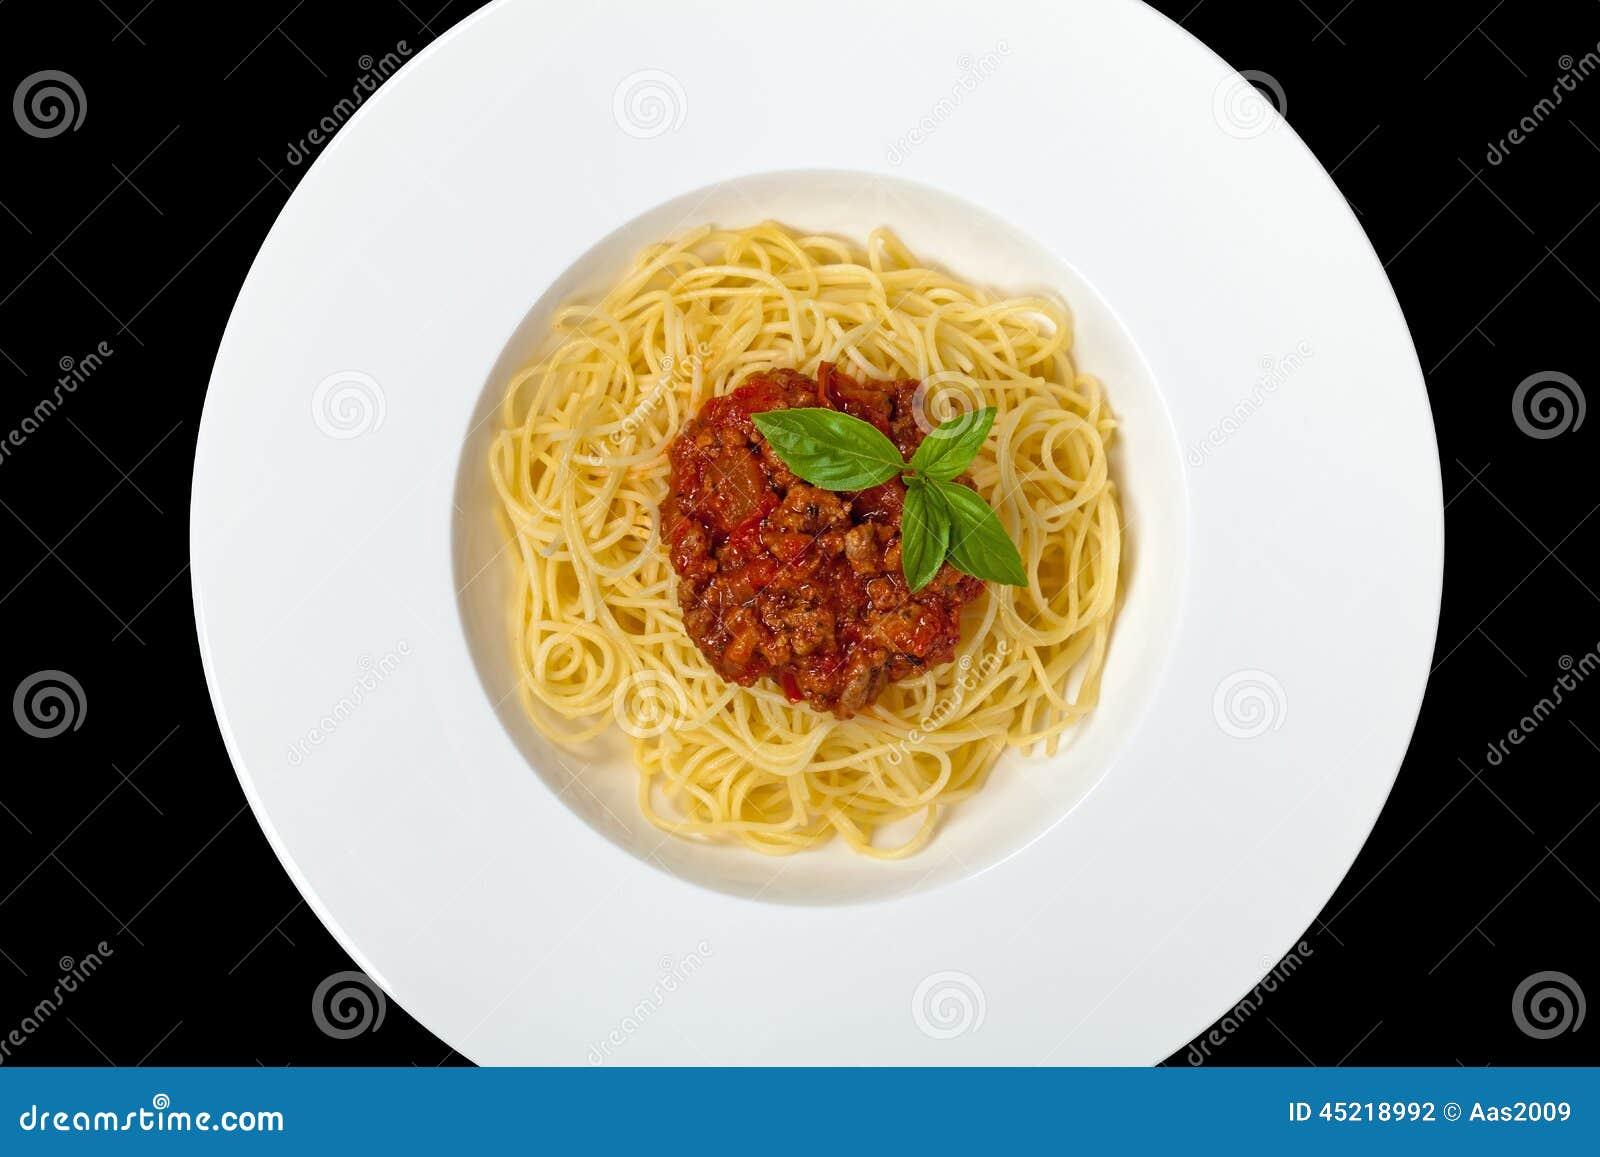 Alimento italiano Espaguete bolonhês